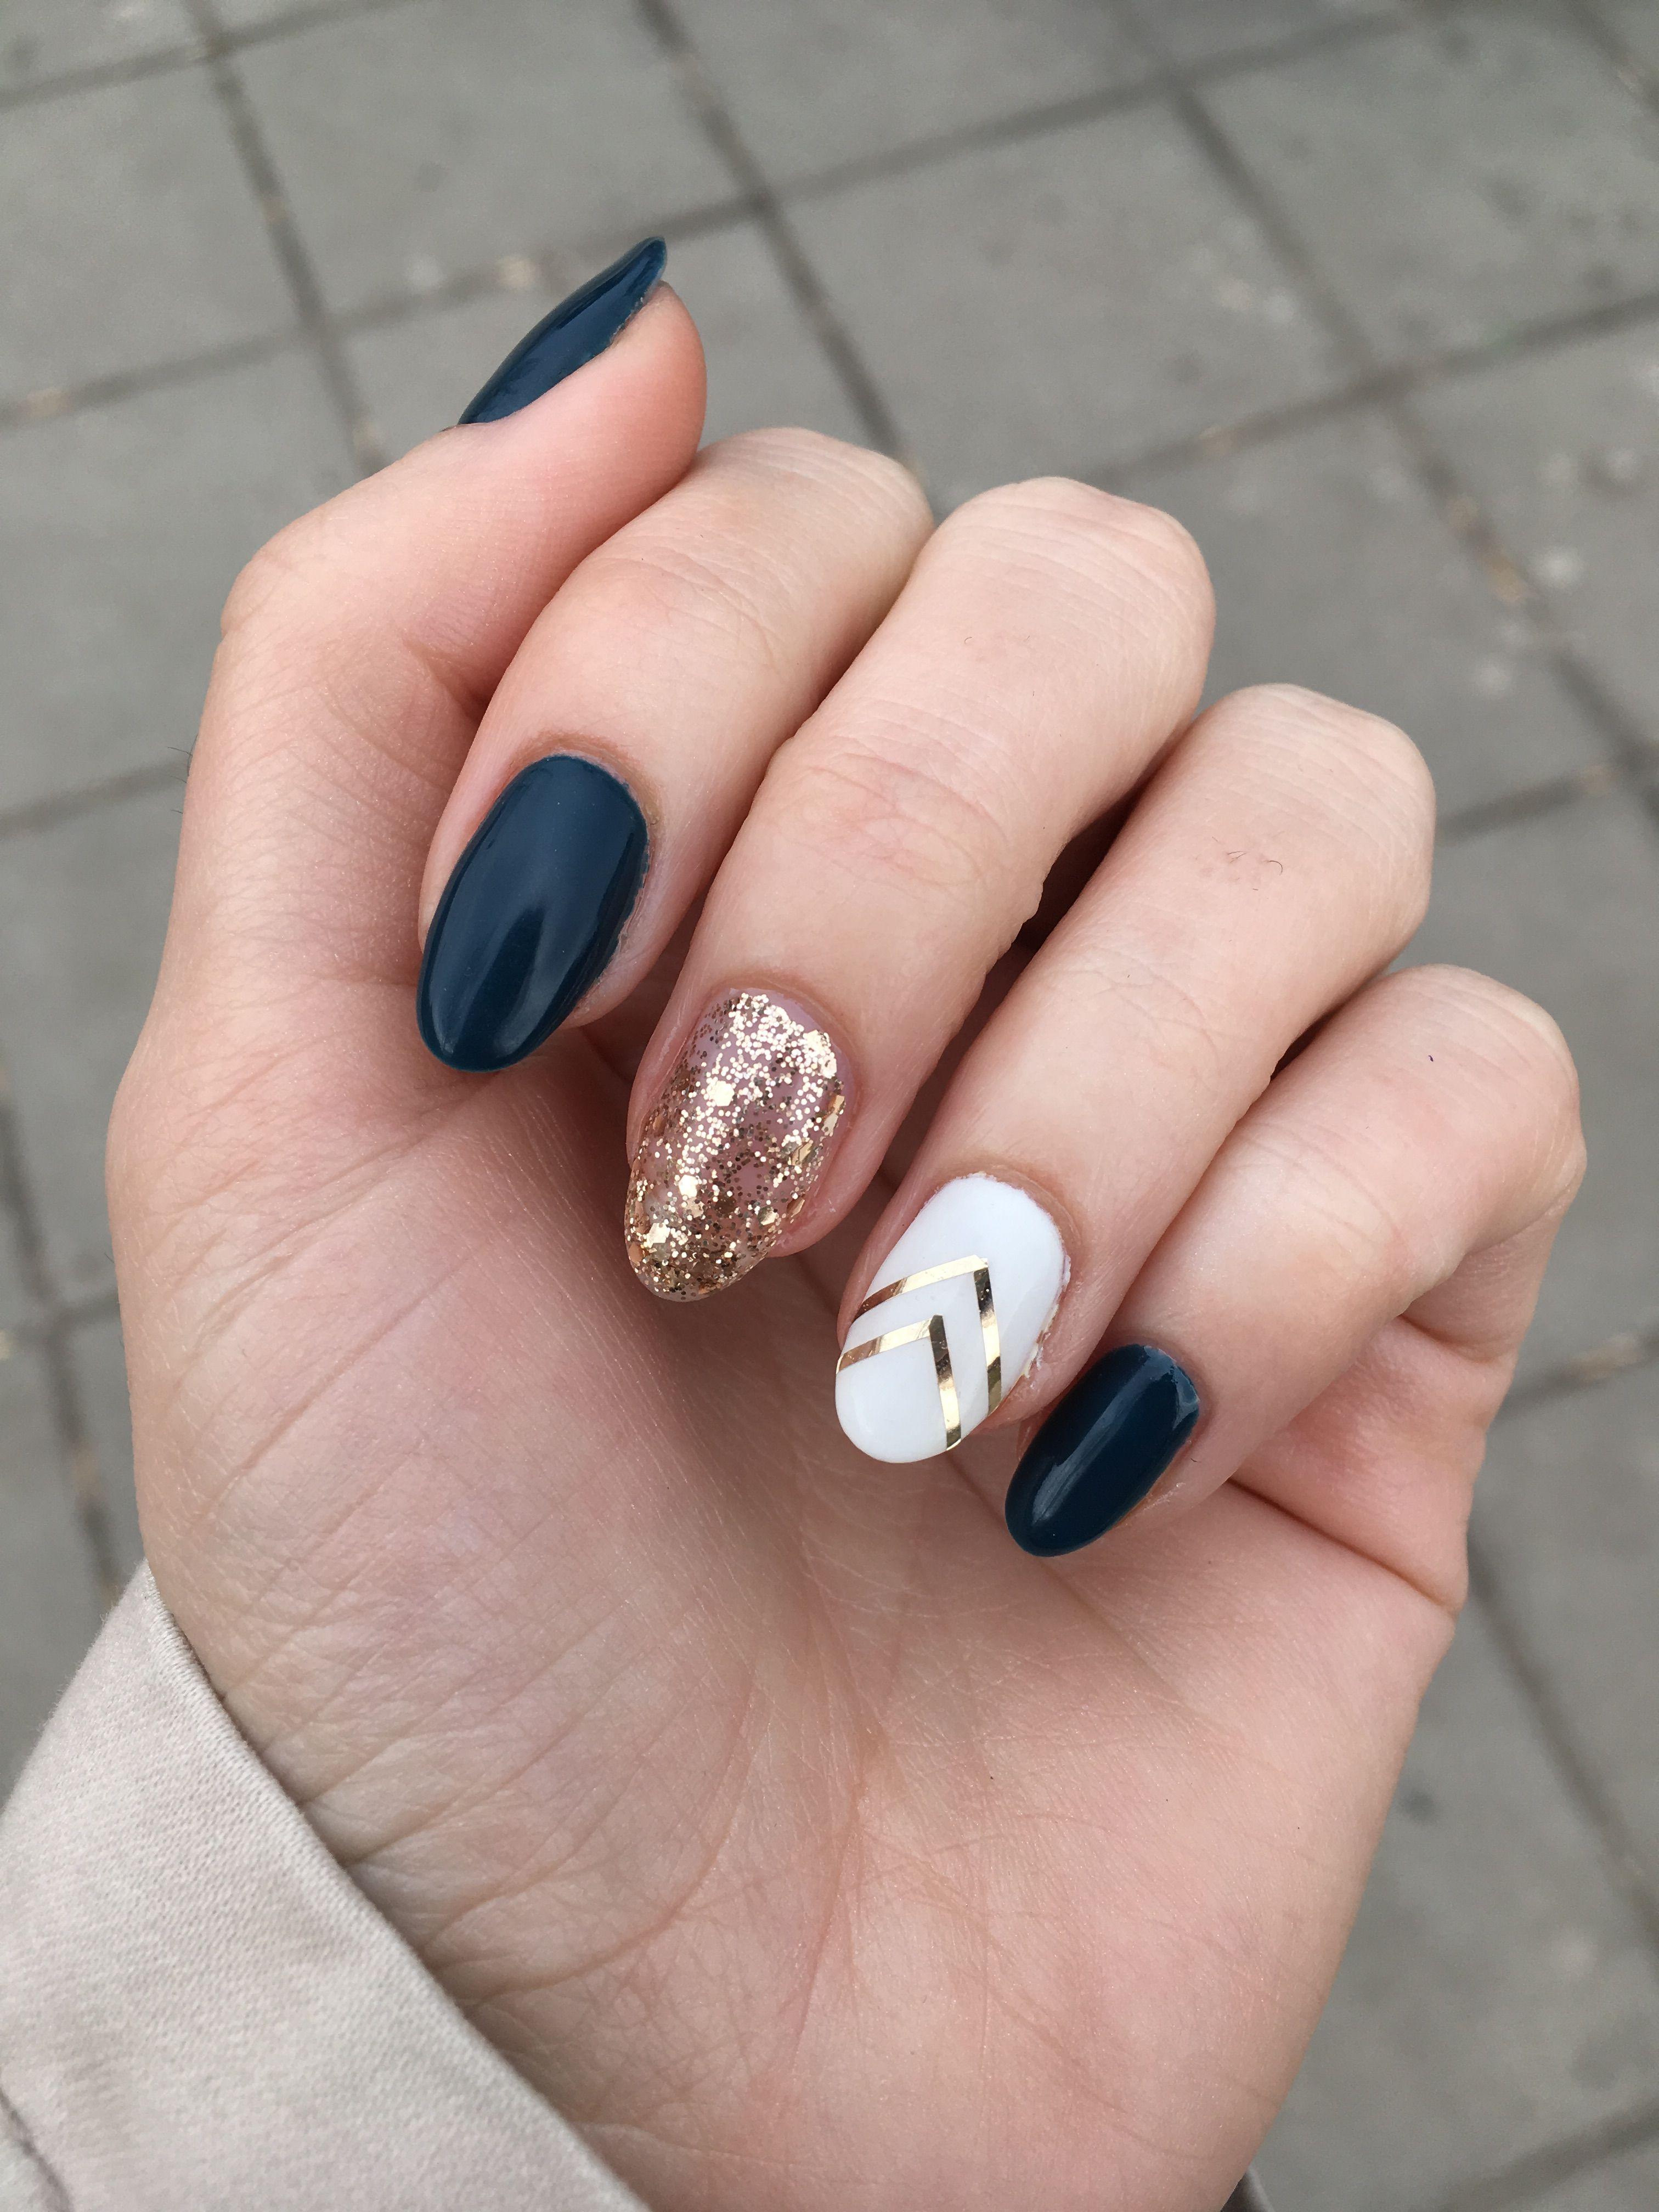 Pin de sirena bikini en UÑAS | Pinterest | Cintas, Diseños de uñas y ...